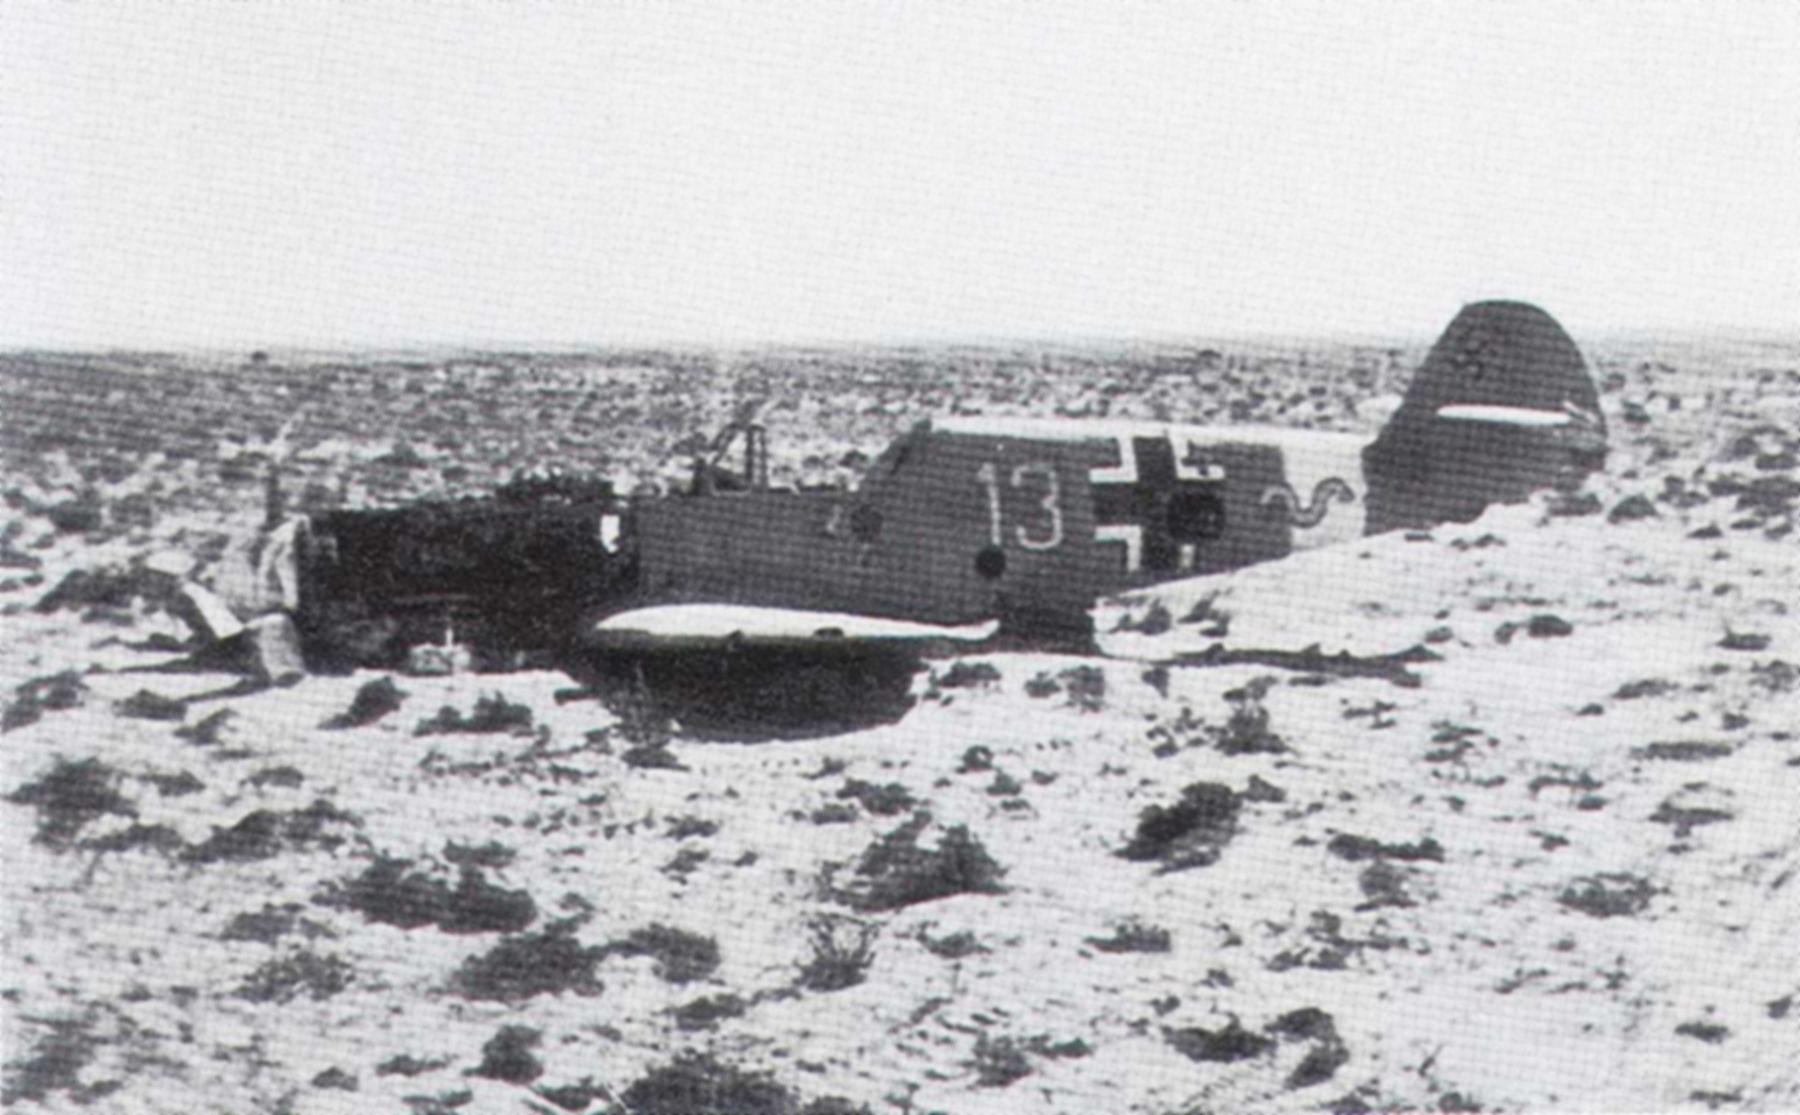 Messerschmitt Bf 109F4Trop 9.JG27 Yellow 13 crash landed North Africa 1942 01